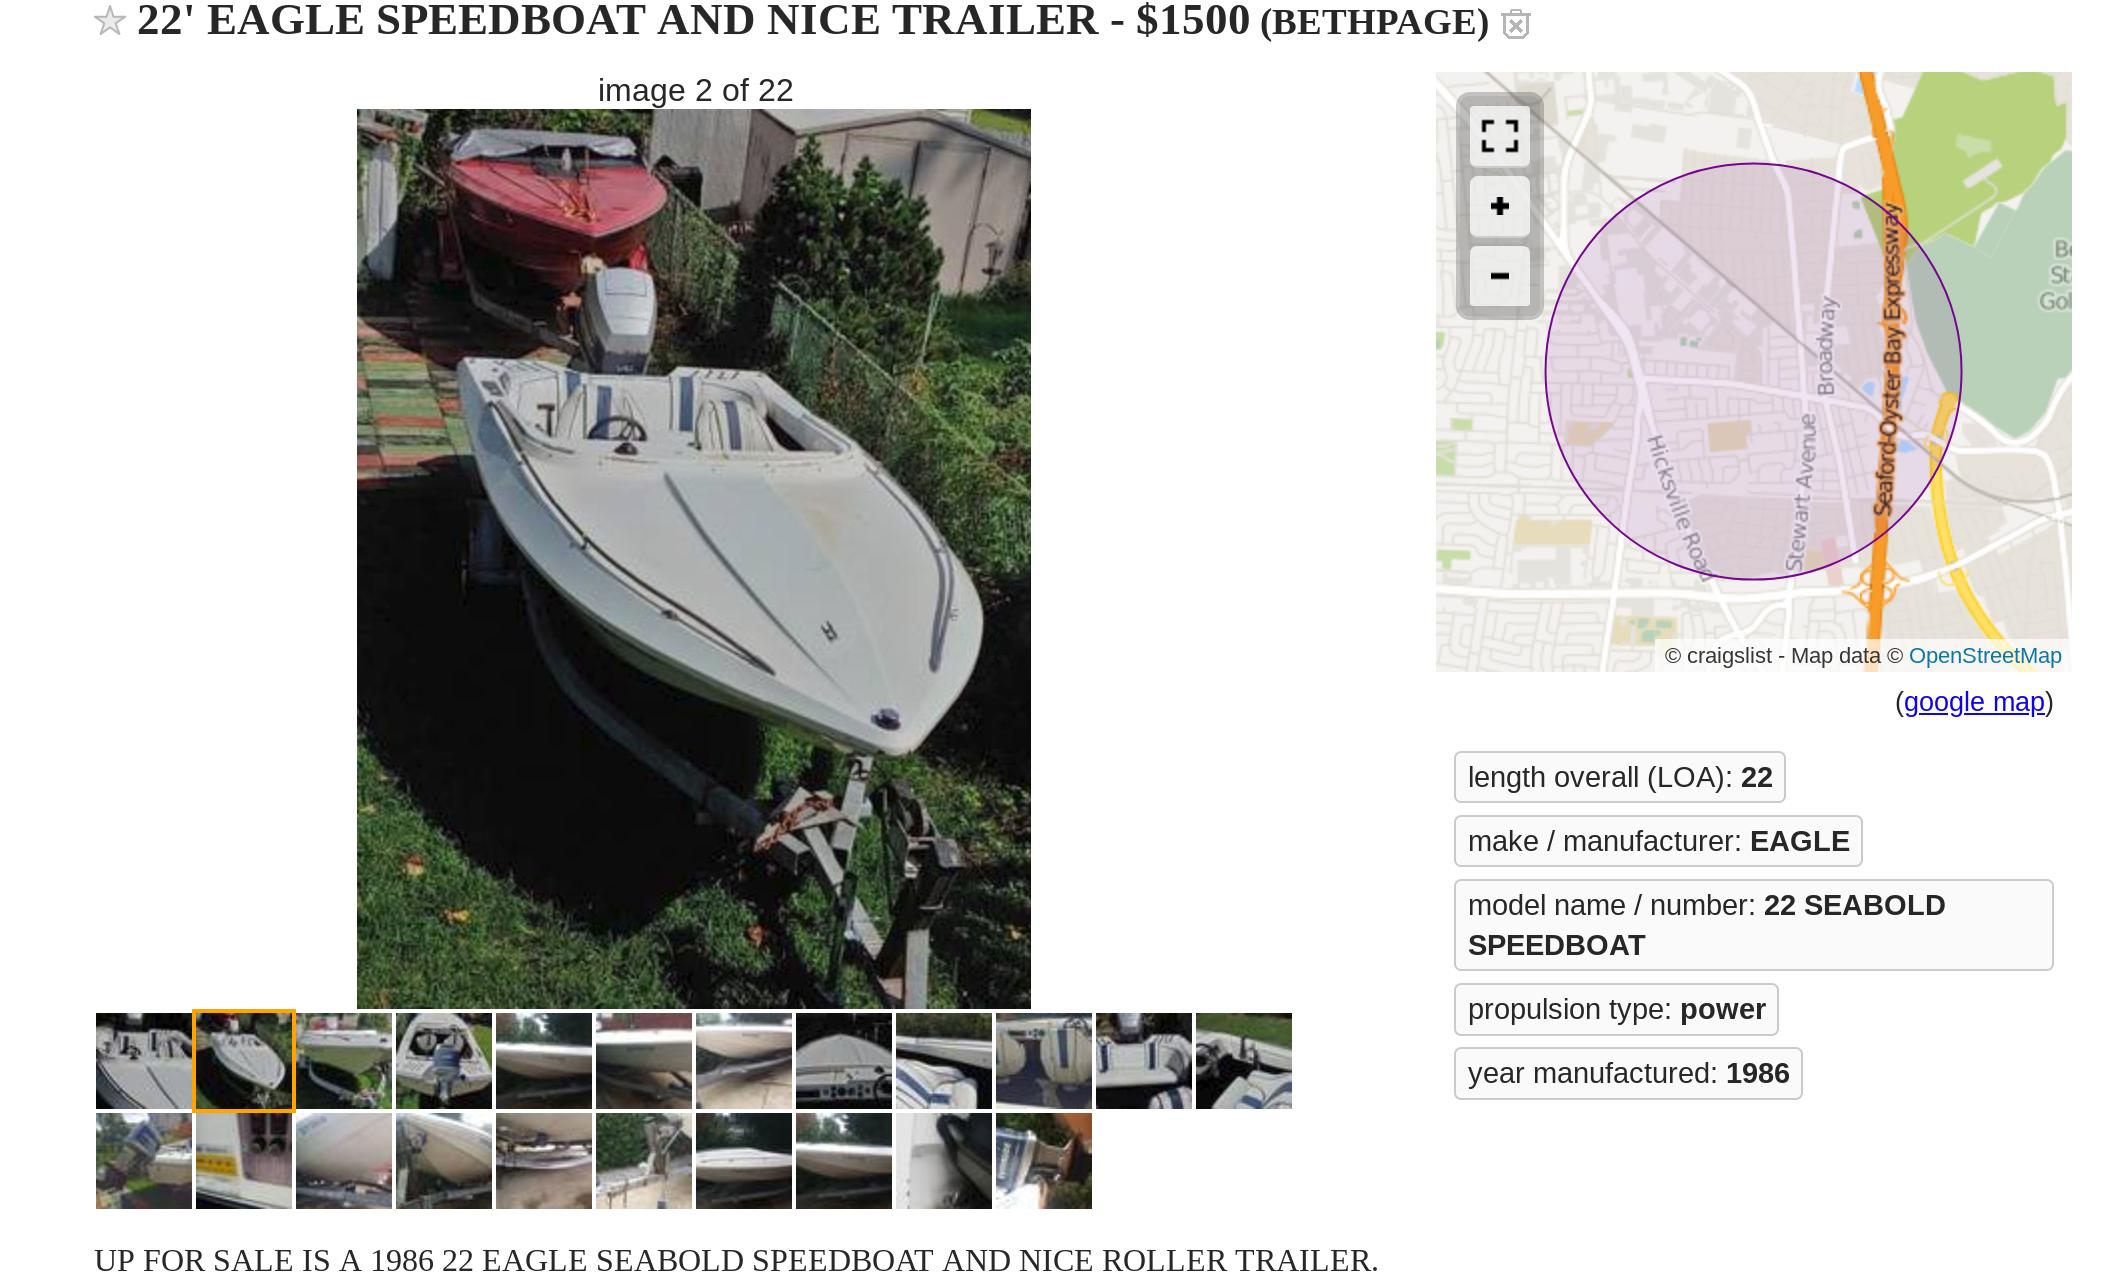 Eagle boat